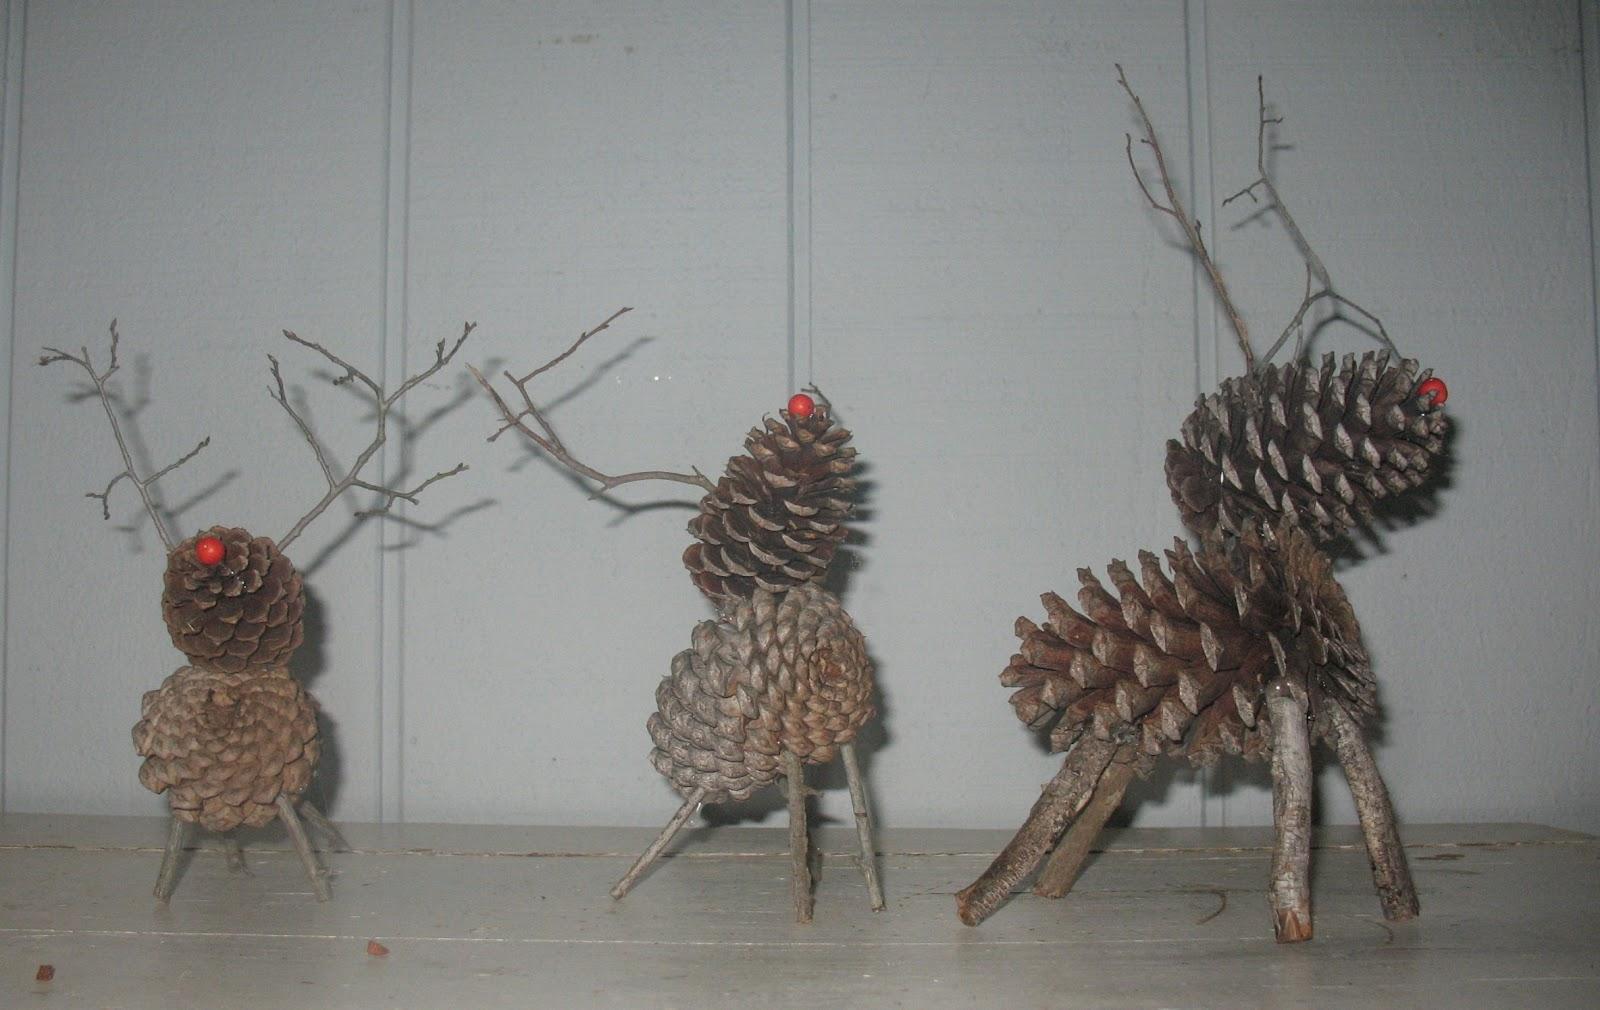 Christmas Tree At Hobby Lobby